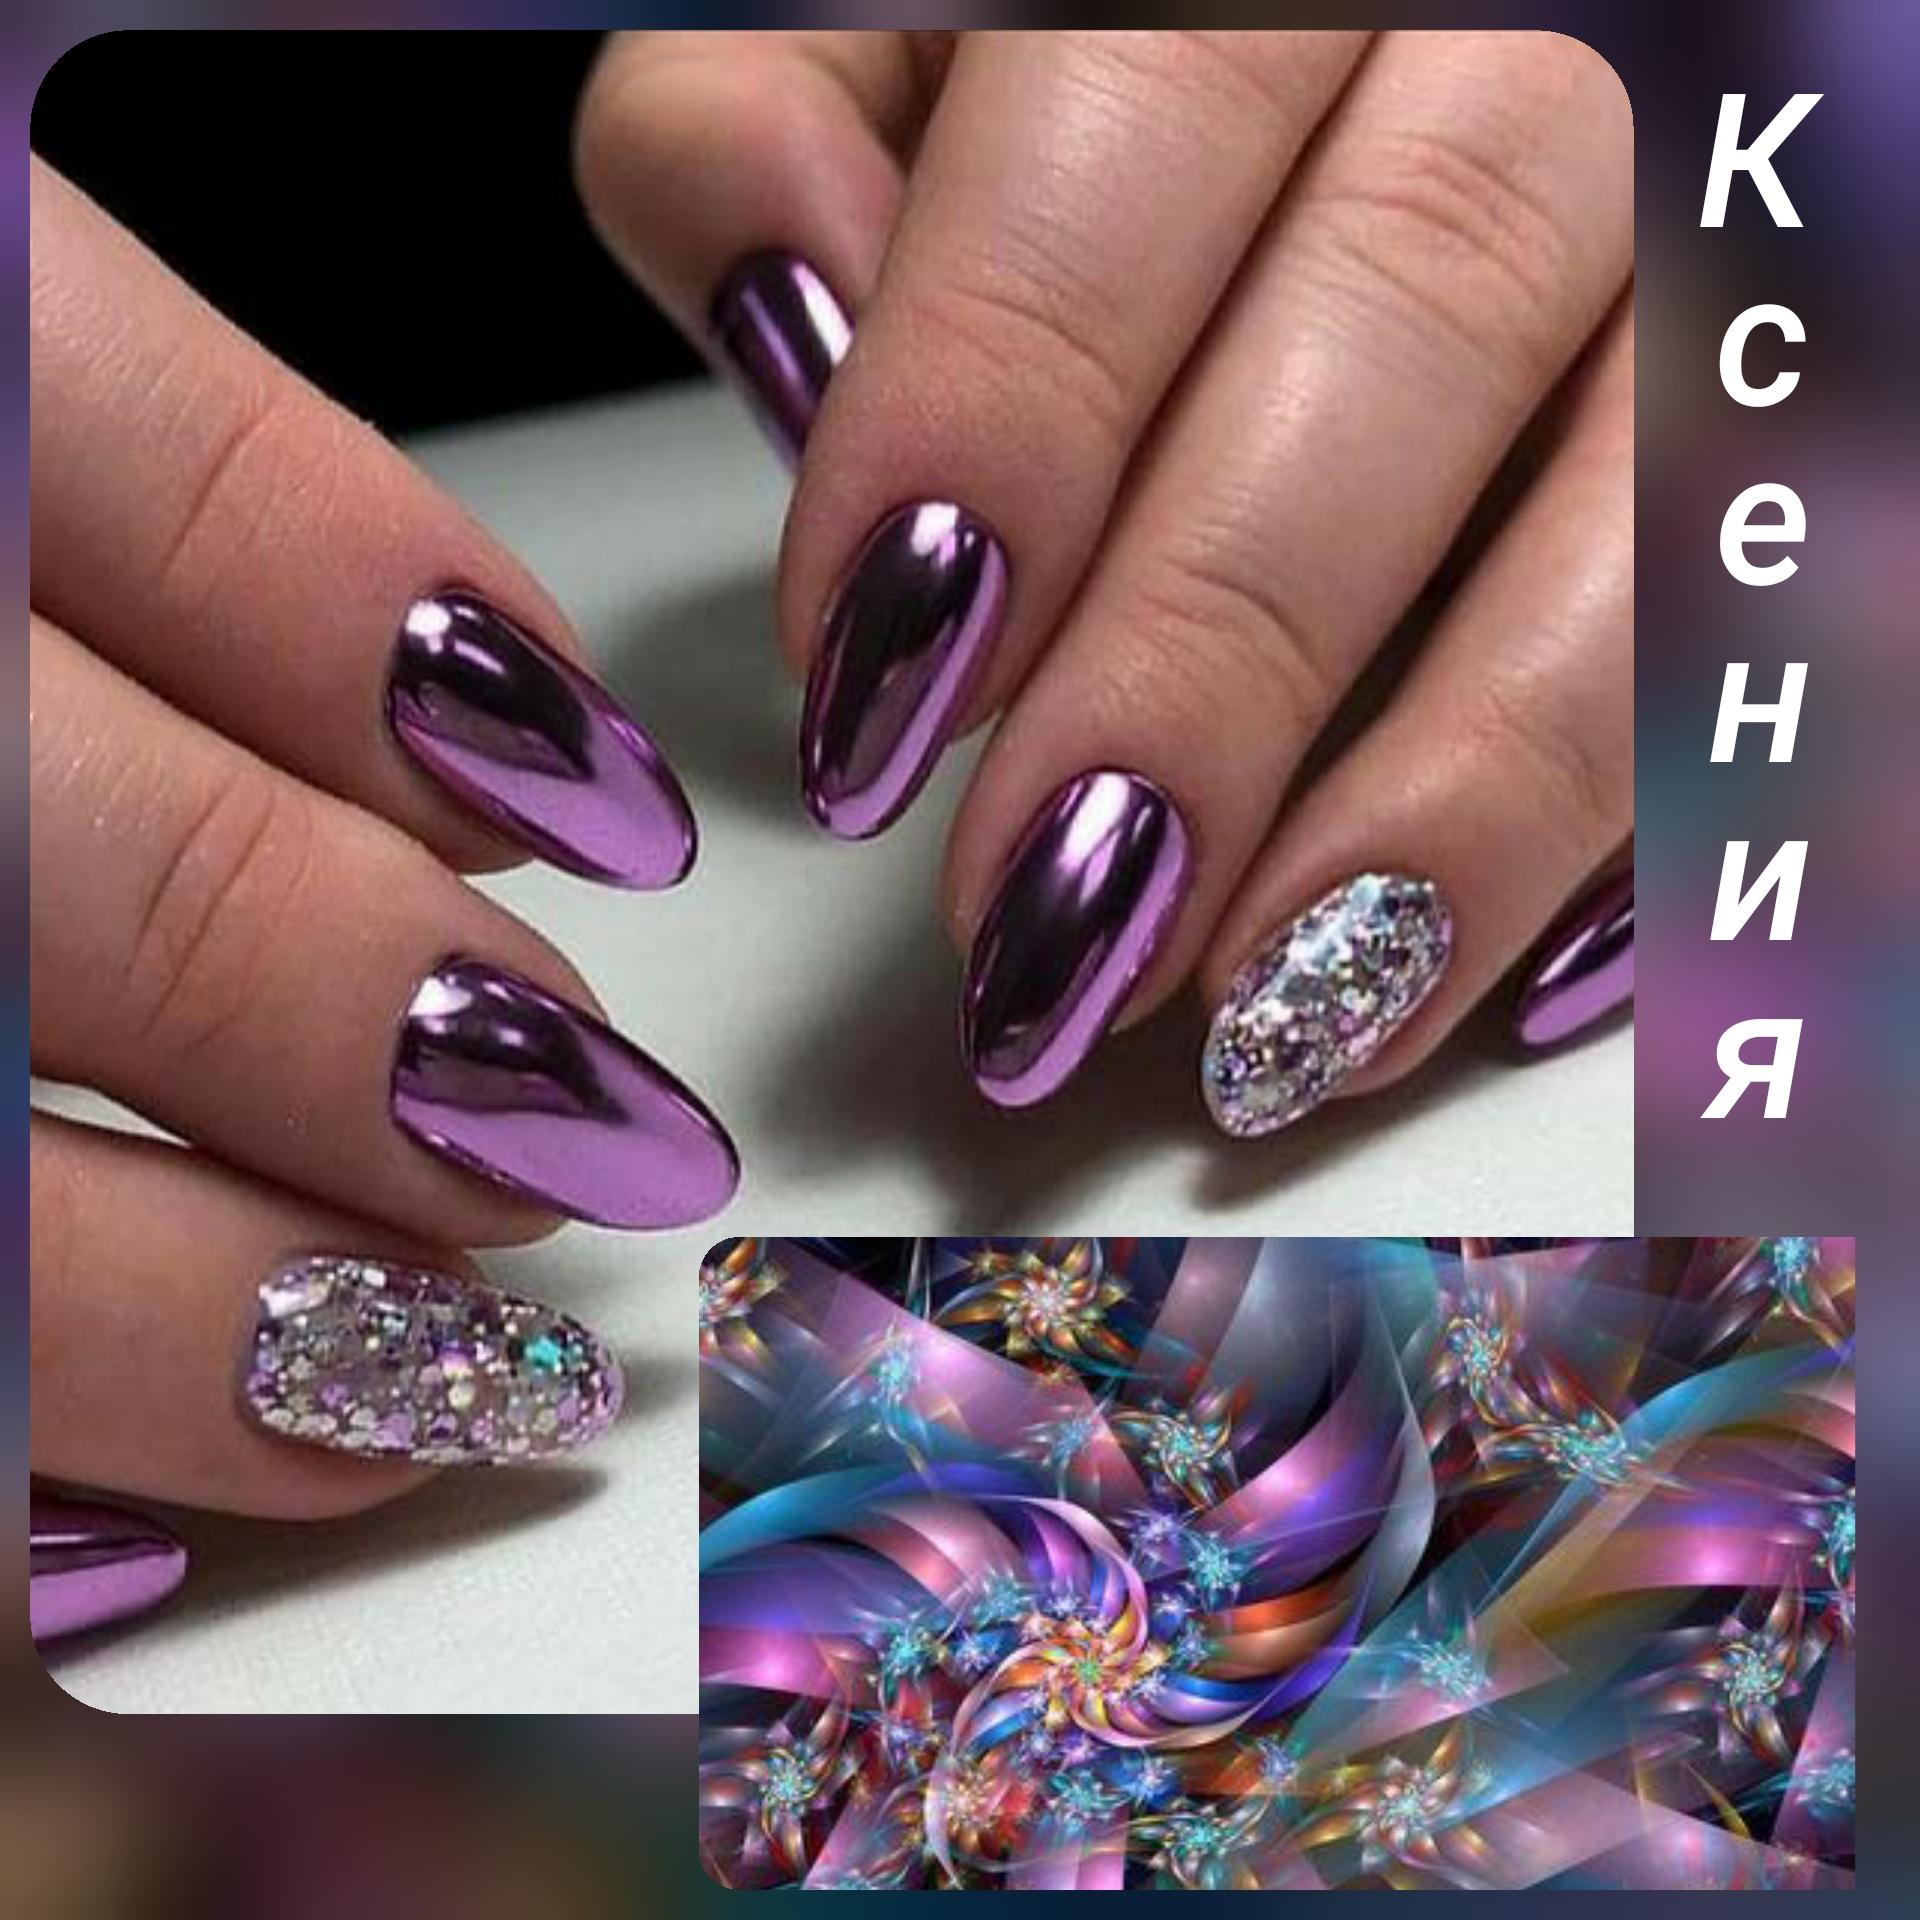 Маникюр с втиркой и камифубуки в фиолетовом цвете.